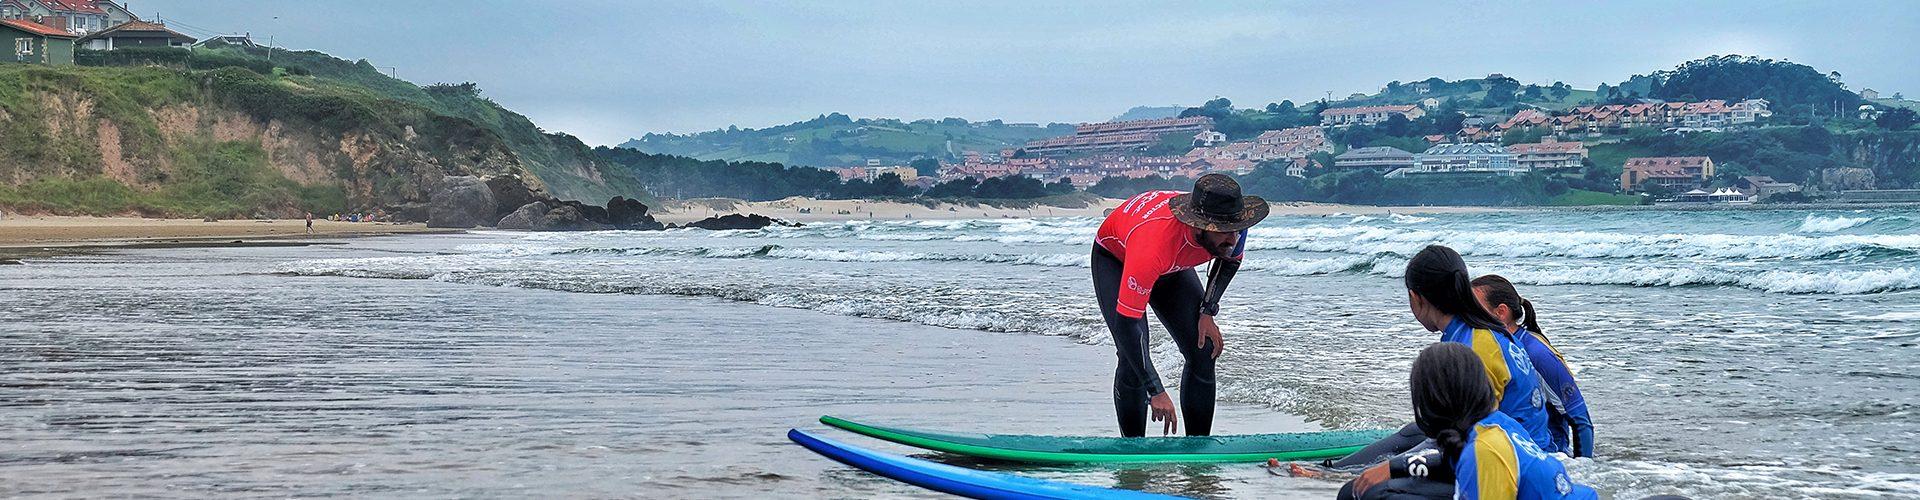 practicando surf en España